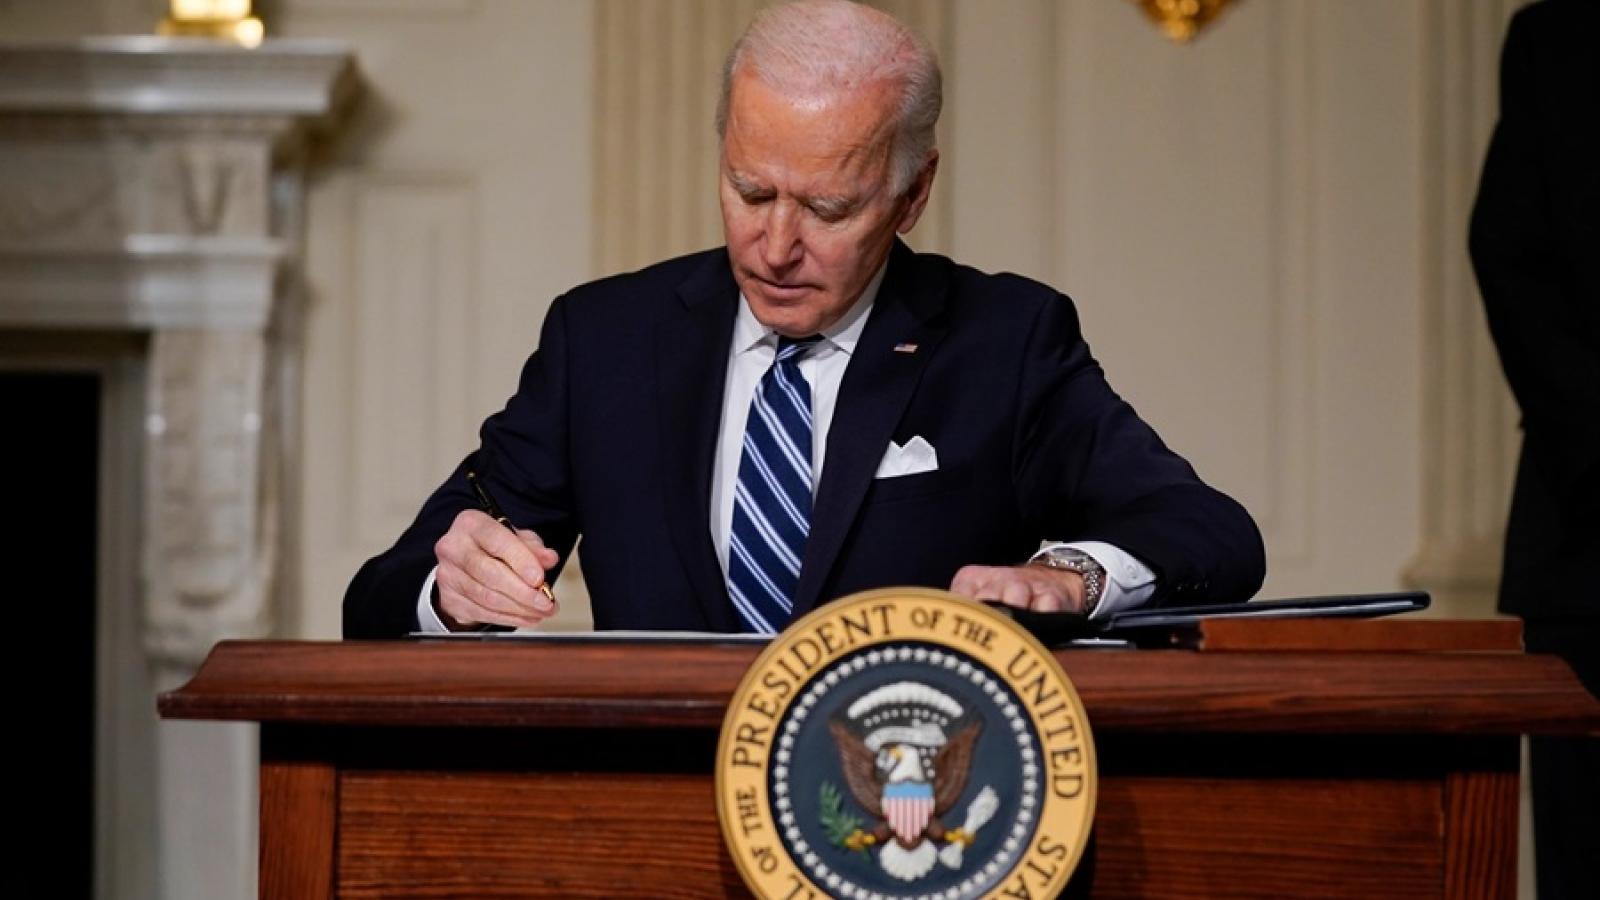 Tổng thống Mỹ Biden ký thêm 2 sắc lệnh đảo ngược chính sách của người tiền nhiệm